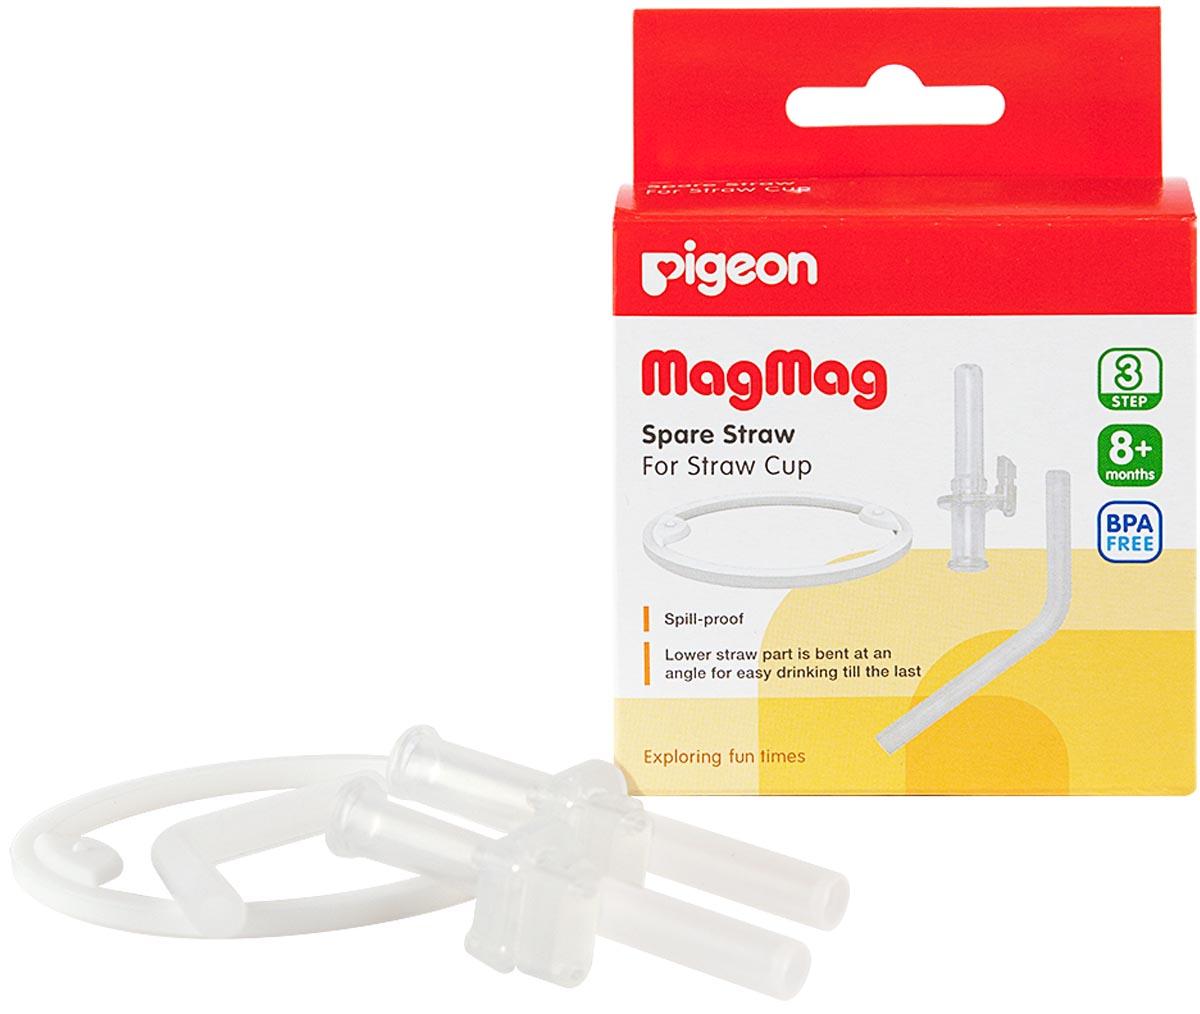 В случае необходимости замены трубочки силиконовой или кольца-прокладки для чашки-поильника MagMag воспользуйтесь запасным комплектом! В комплект запасной входит: Запасная трубочка силиконовая (верхняя часть) – 2 шт. Запасная трубочка силиконовая (нижняя часть) – 1 шт. Кольцо-прокладка – 1 шт.